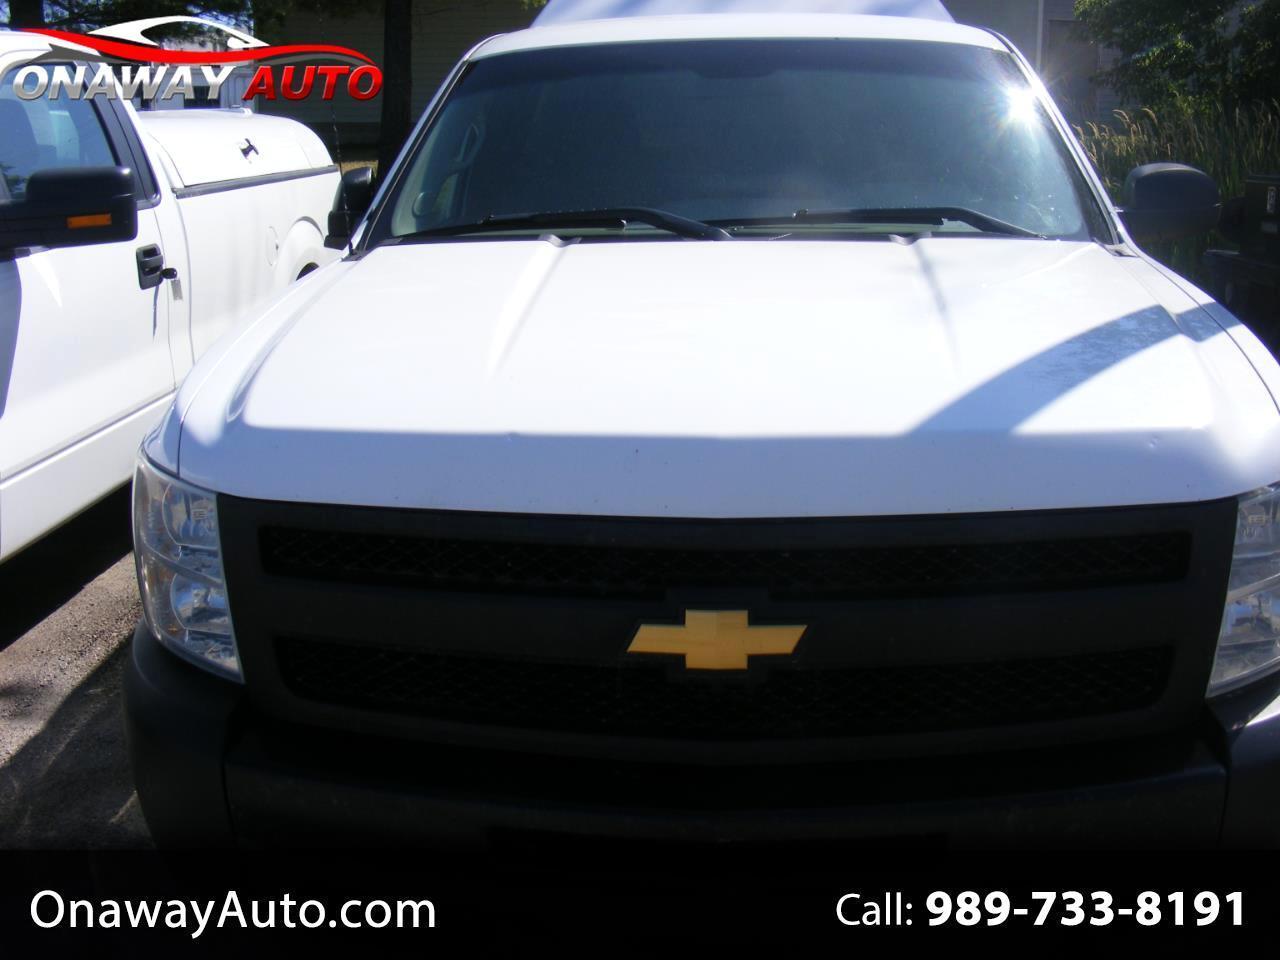 2012 Chevrolet Silverado 1500 2WD Reg Cab 133.0